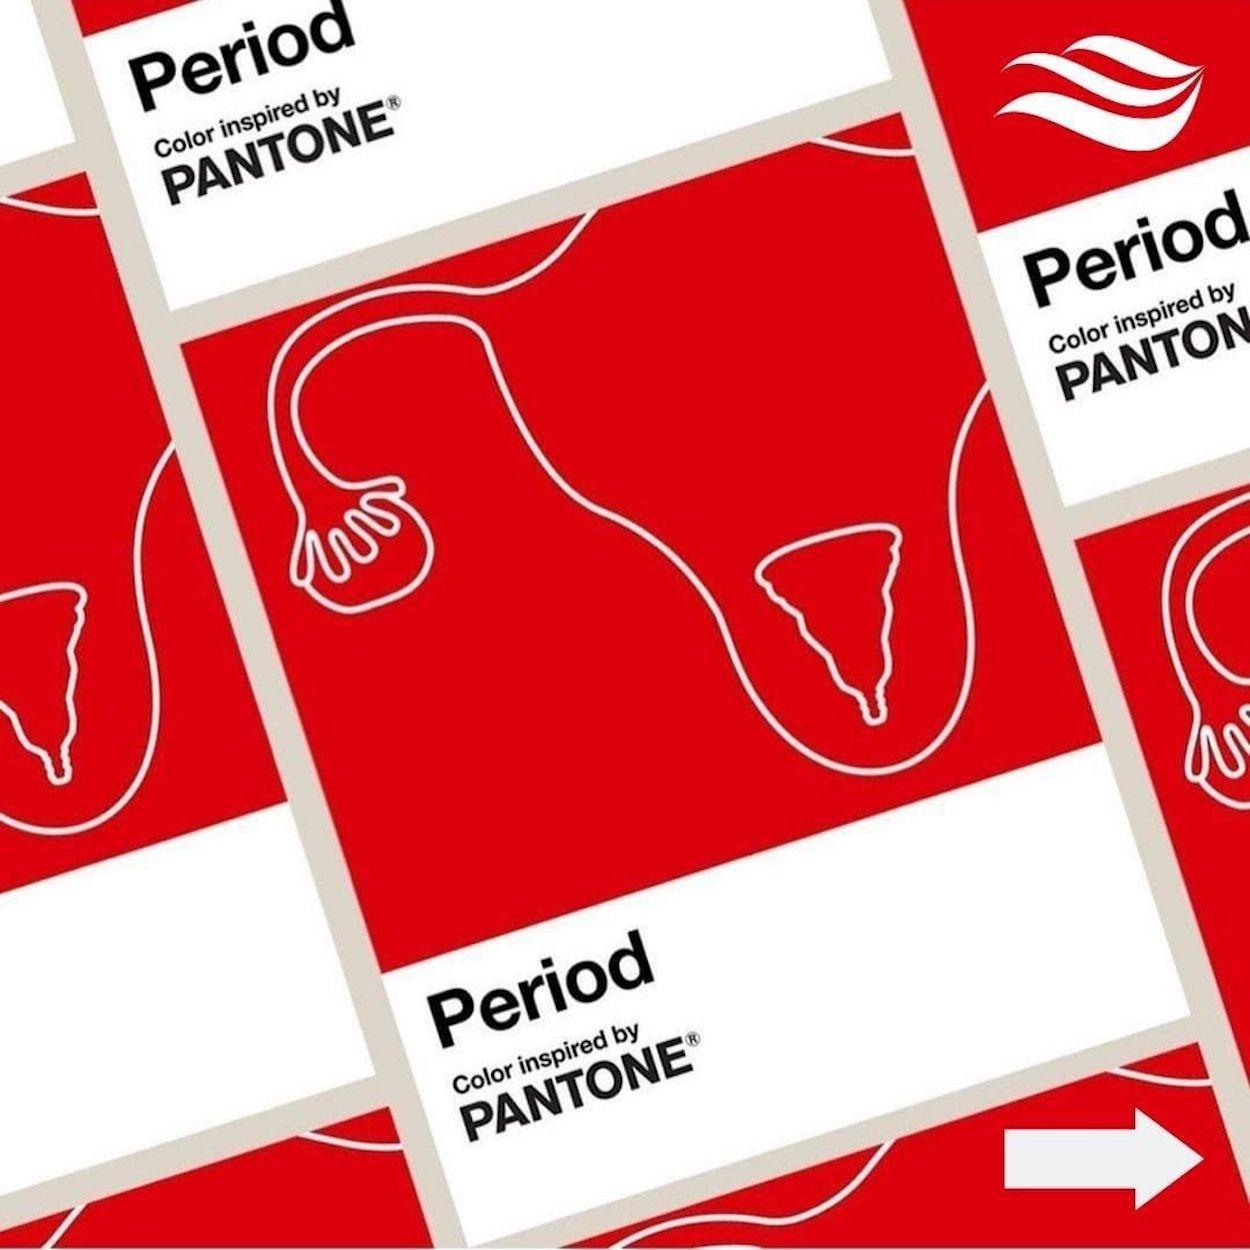 pantone period